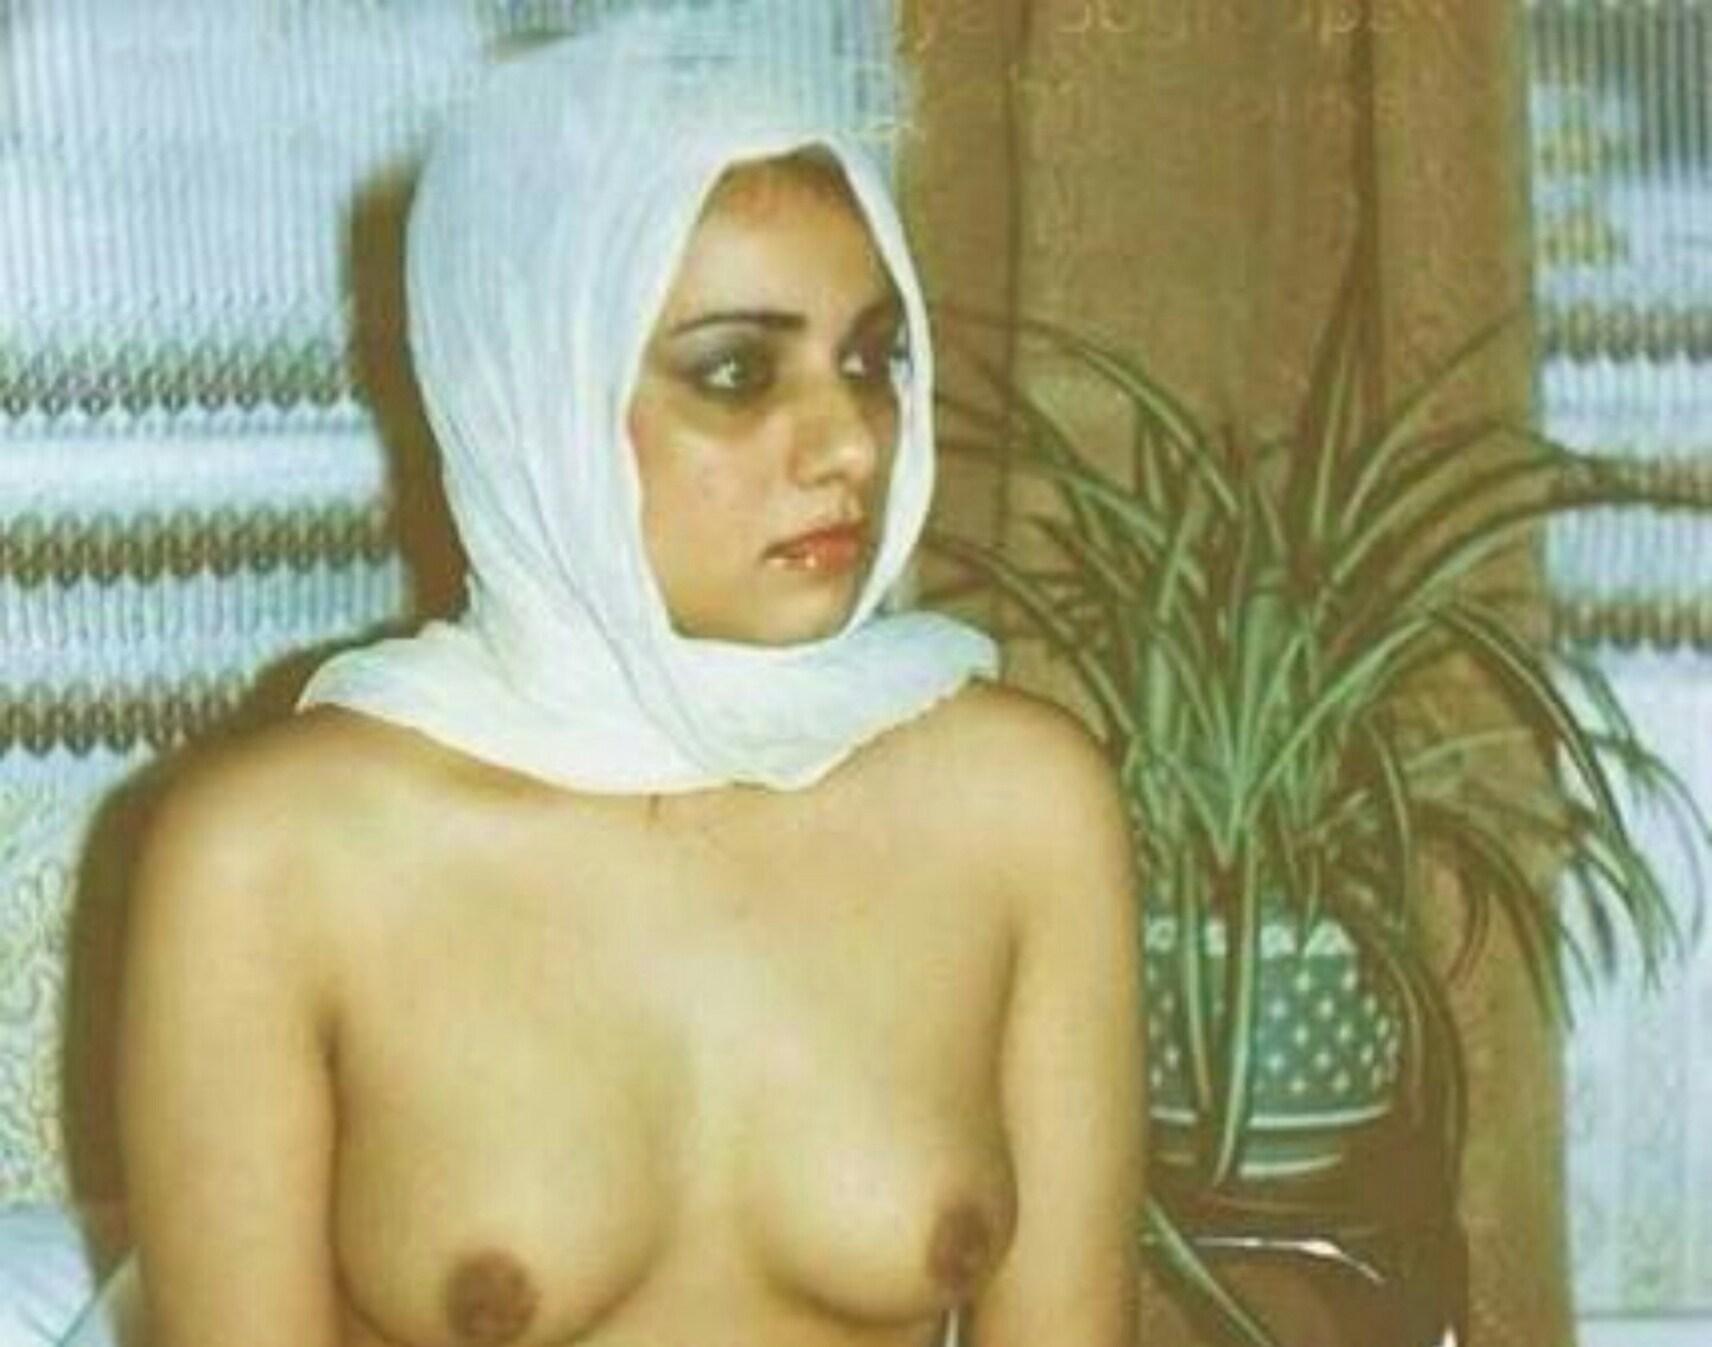 Проститутки в исламское, Узбечки мусульманки проститутки 5 фотография